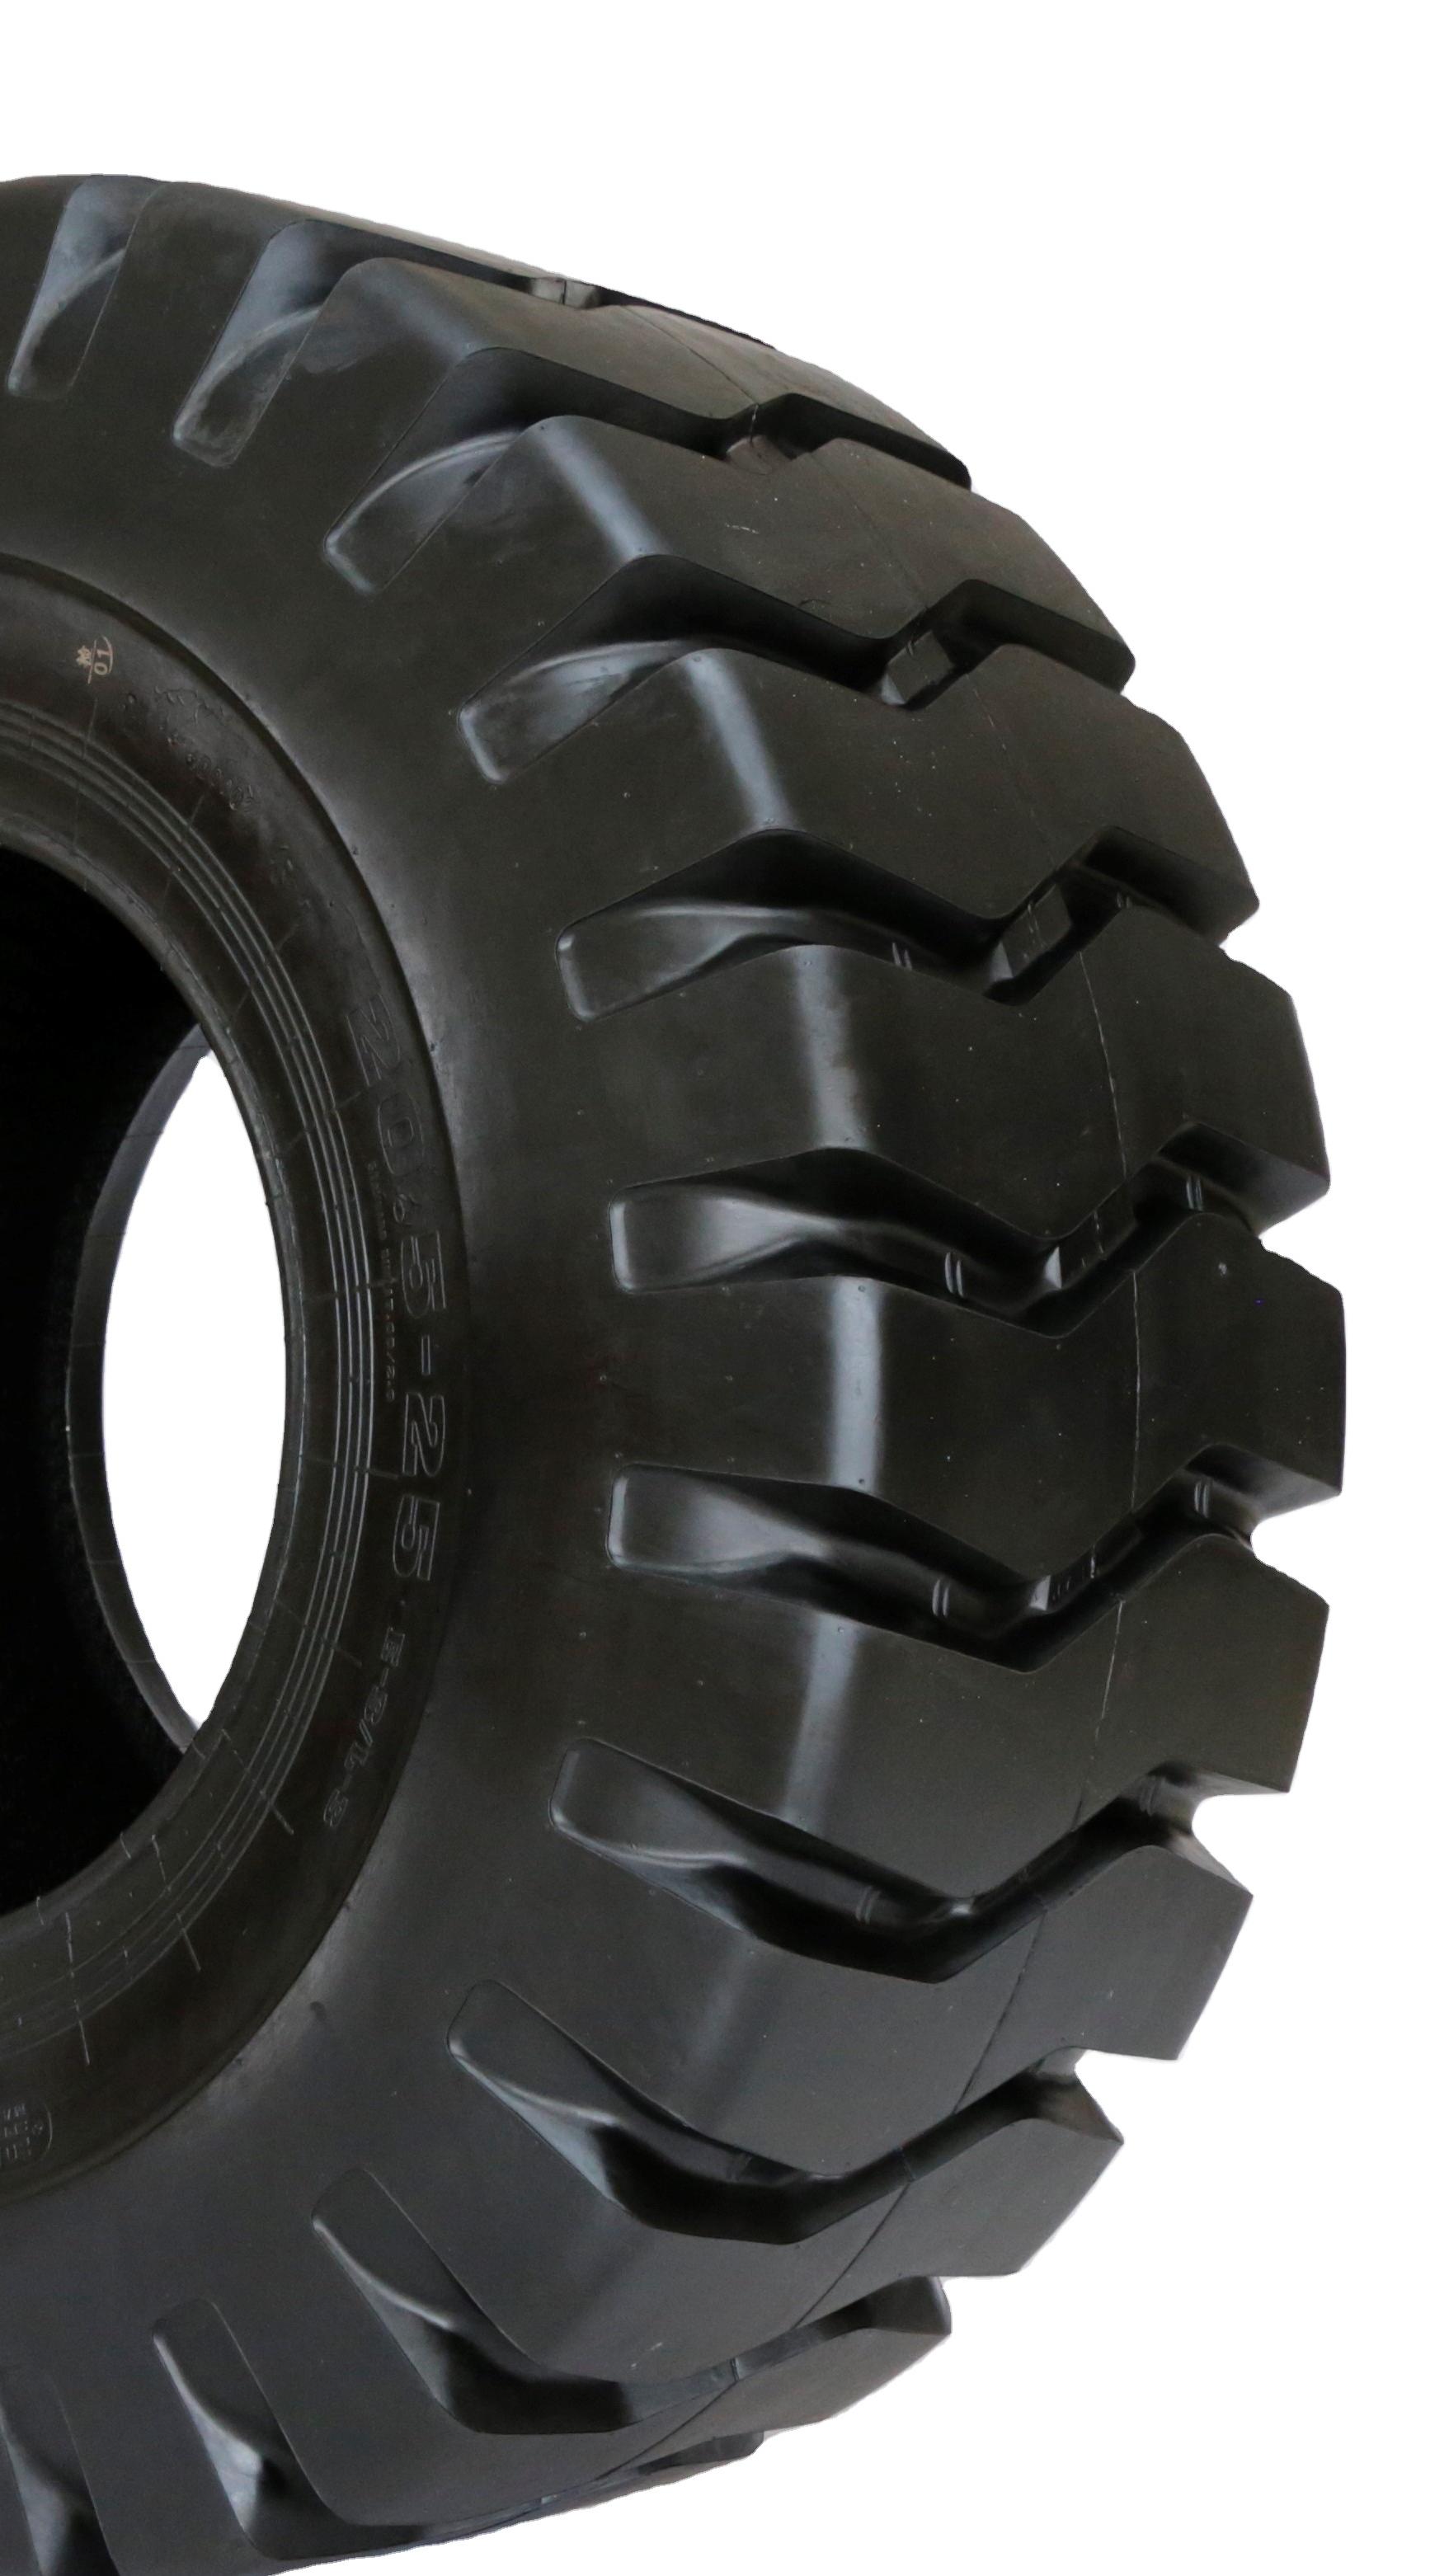 Pneumatici per pale, escavatore e heavy duty truck L-3 modello OTR tyre (26.5-25)